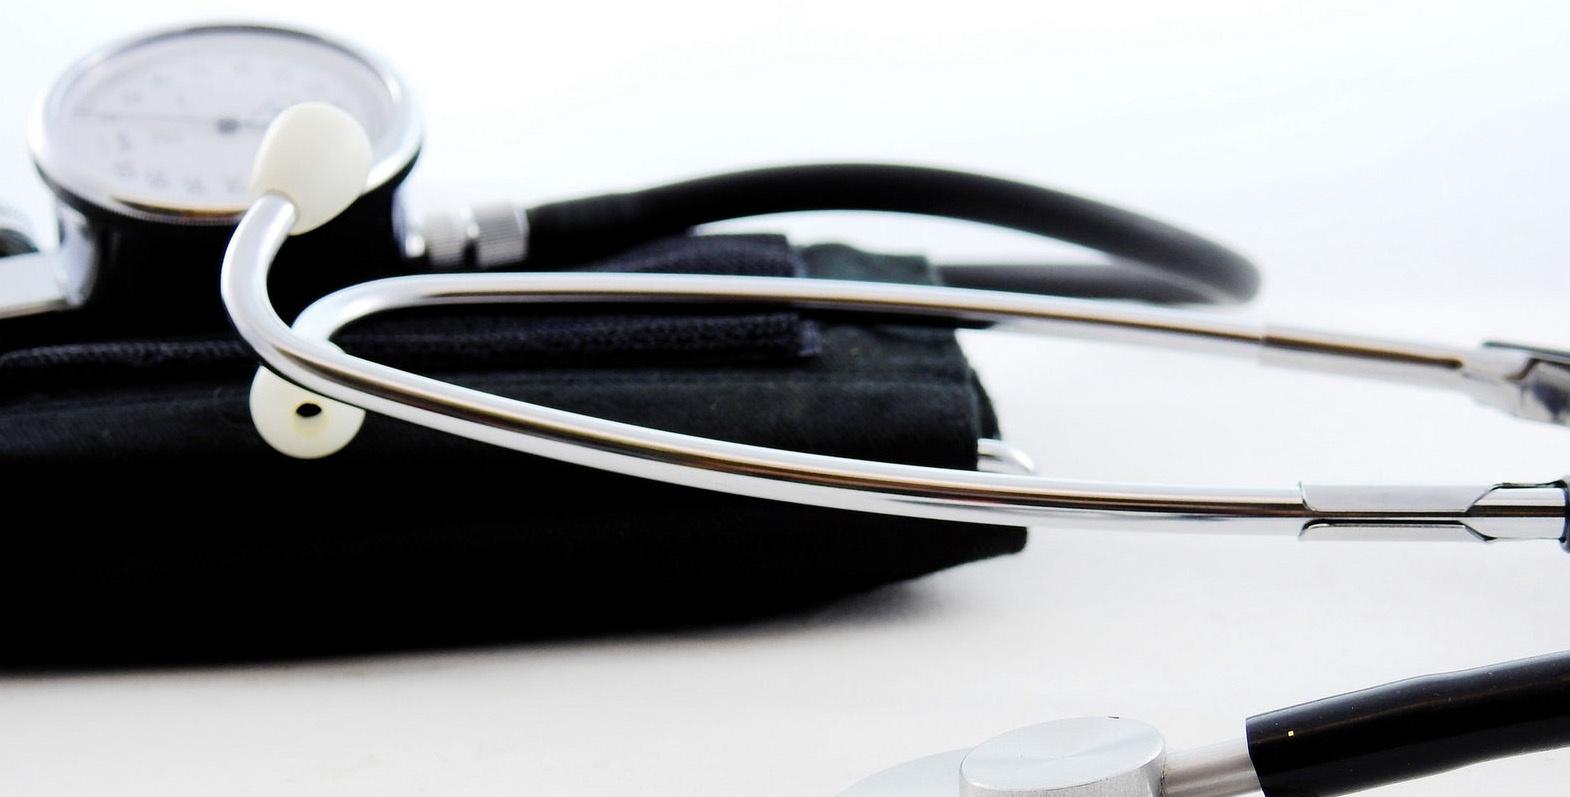 Ukmergės asmens sveikatos priežiūros įstaigų medikai dirba padidintu krūviu